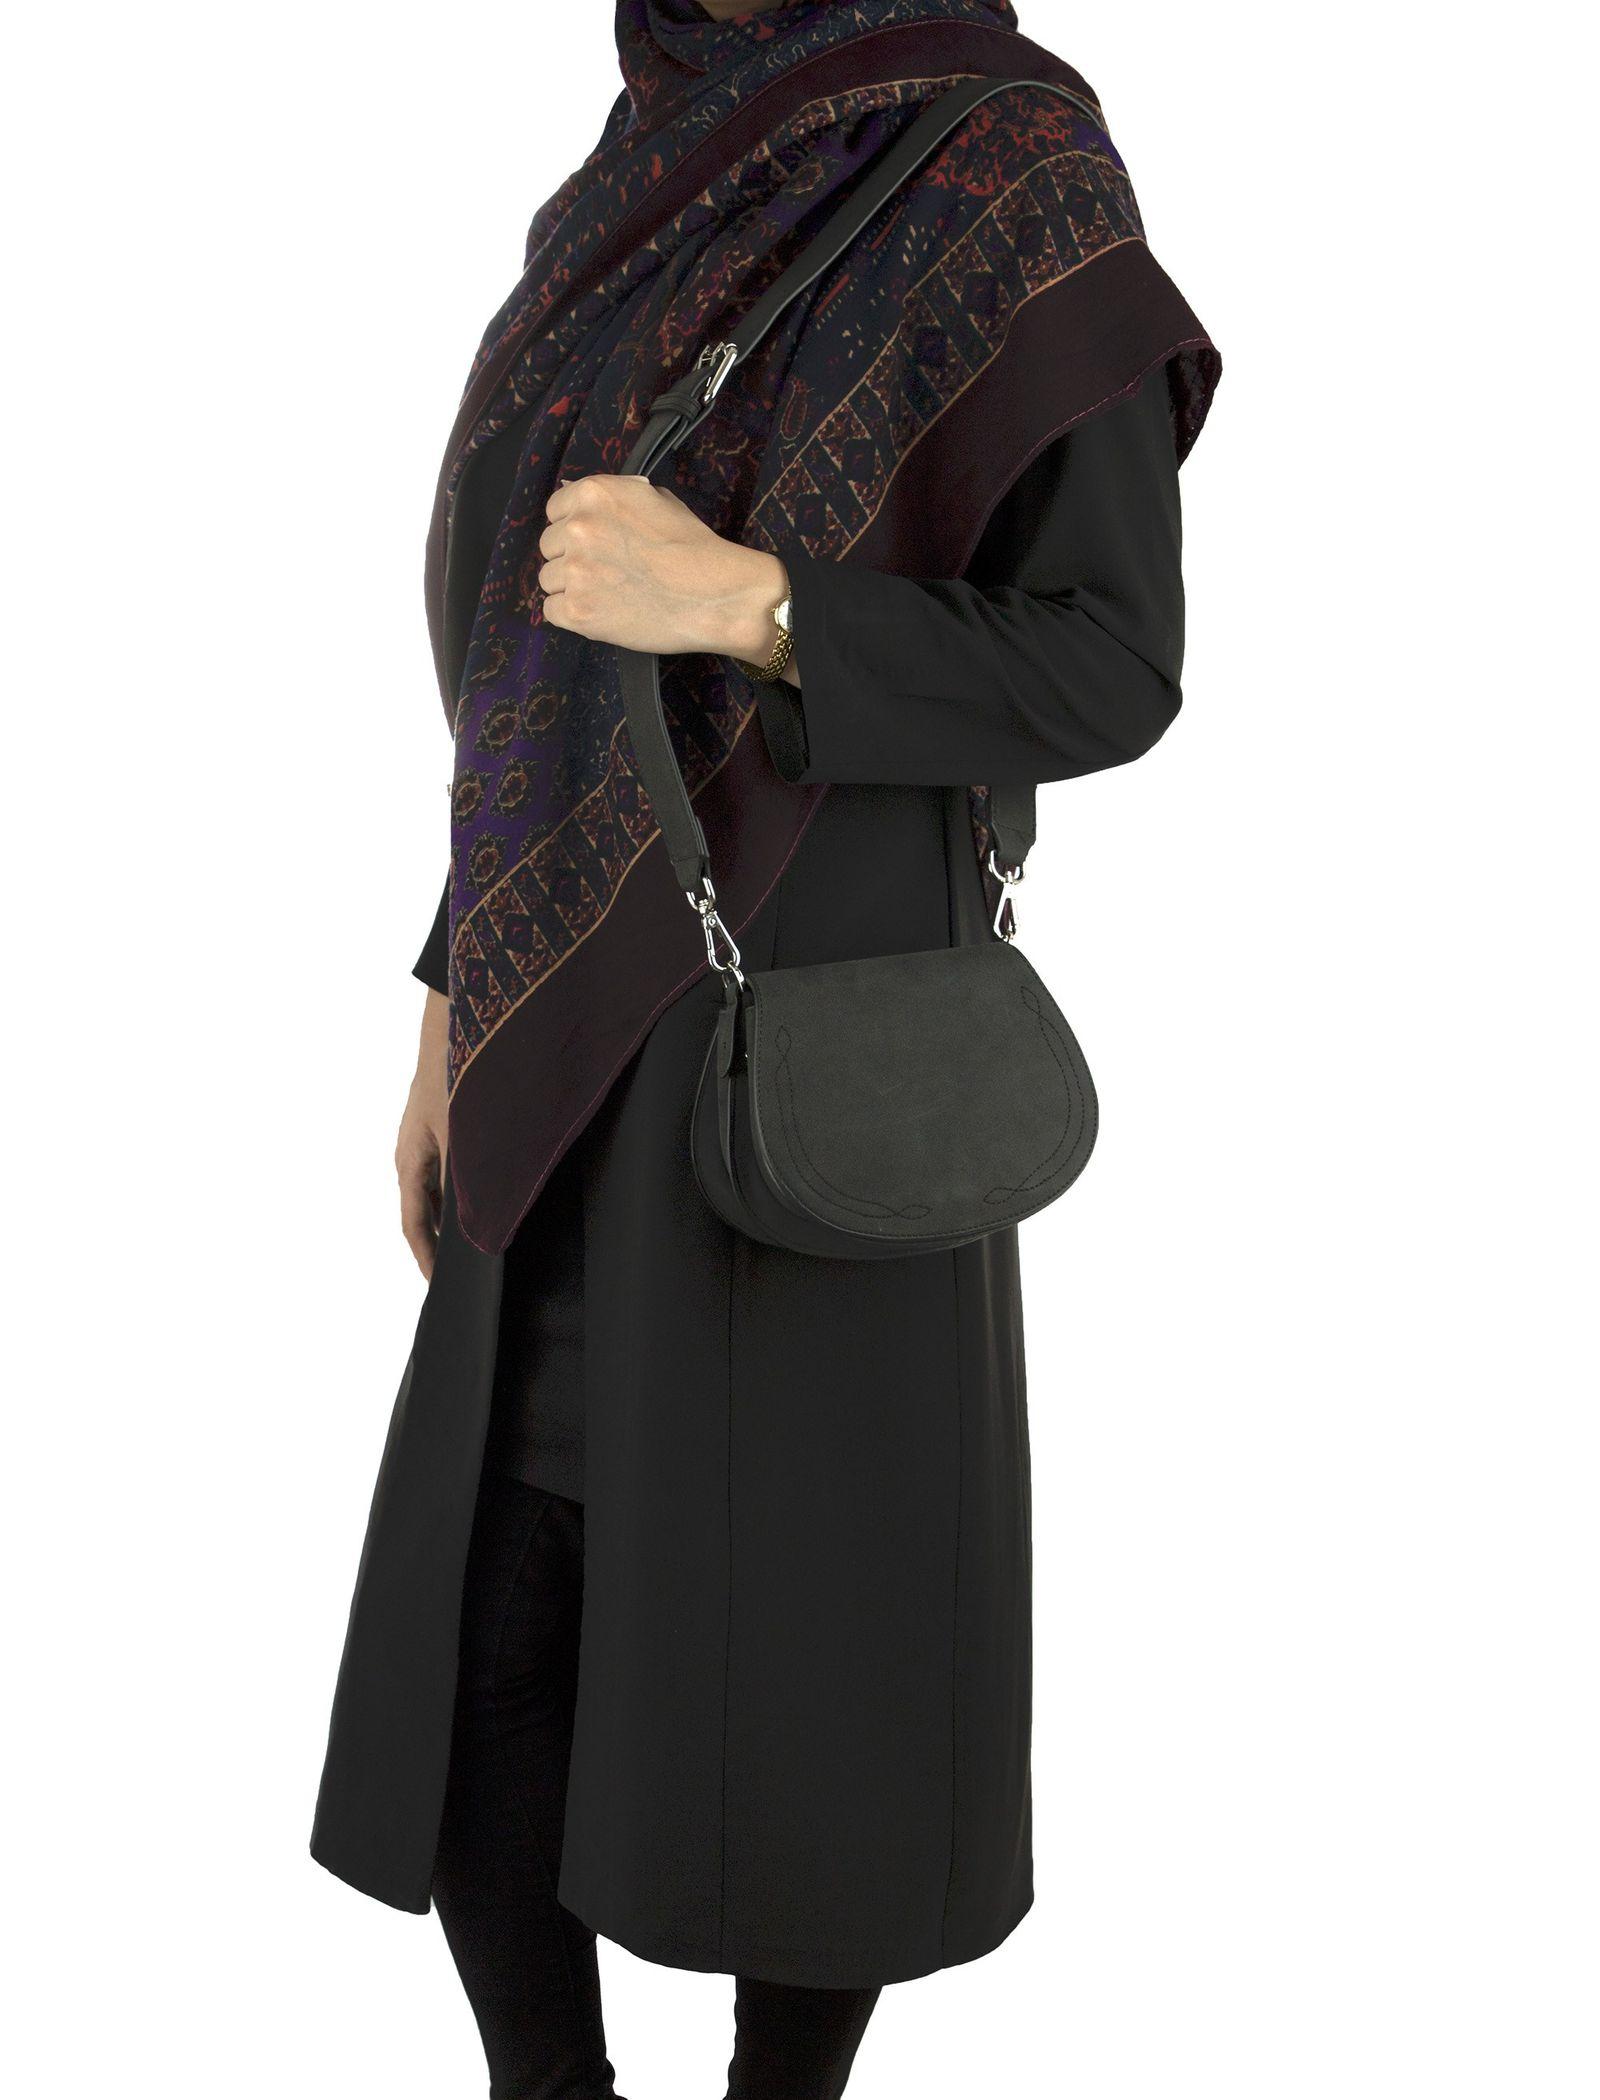 کیف دوشی روزمره زنانه - آبجکت تک سایز - مشکي - 4